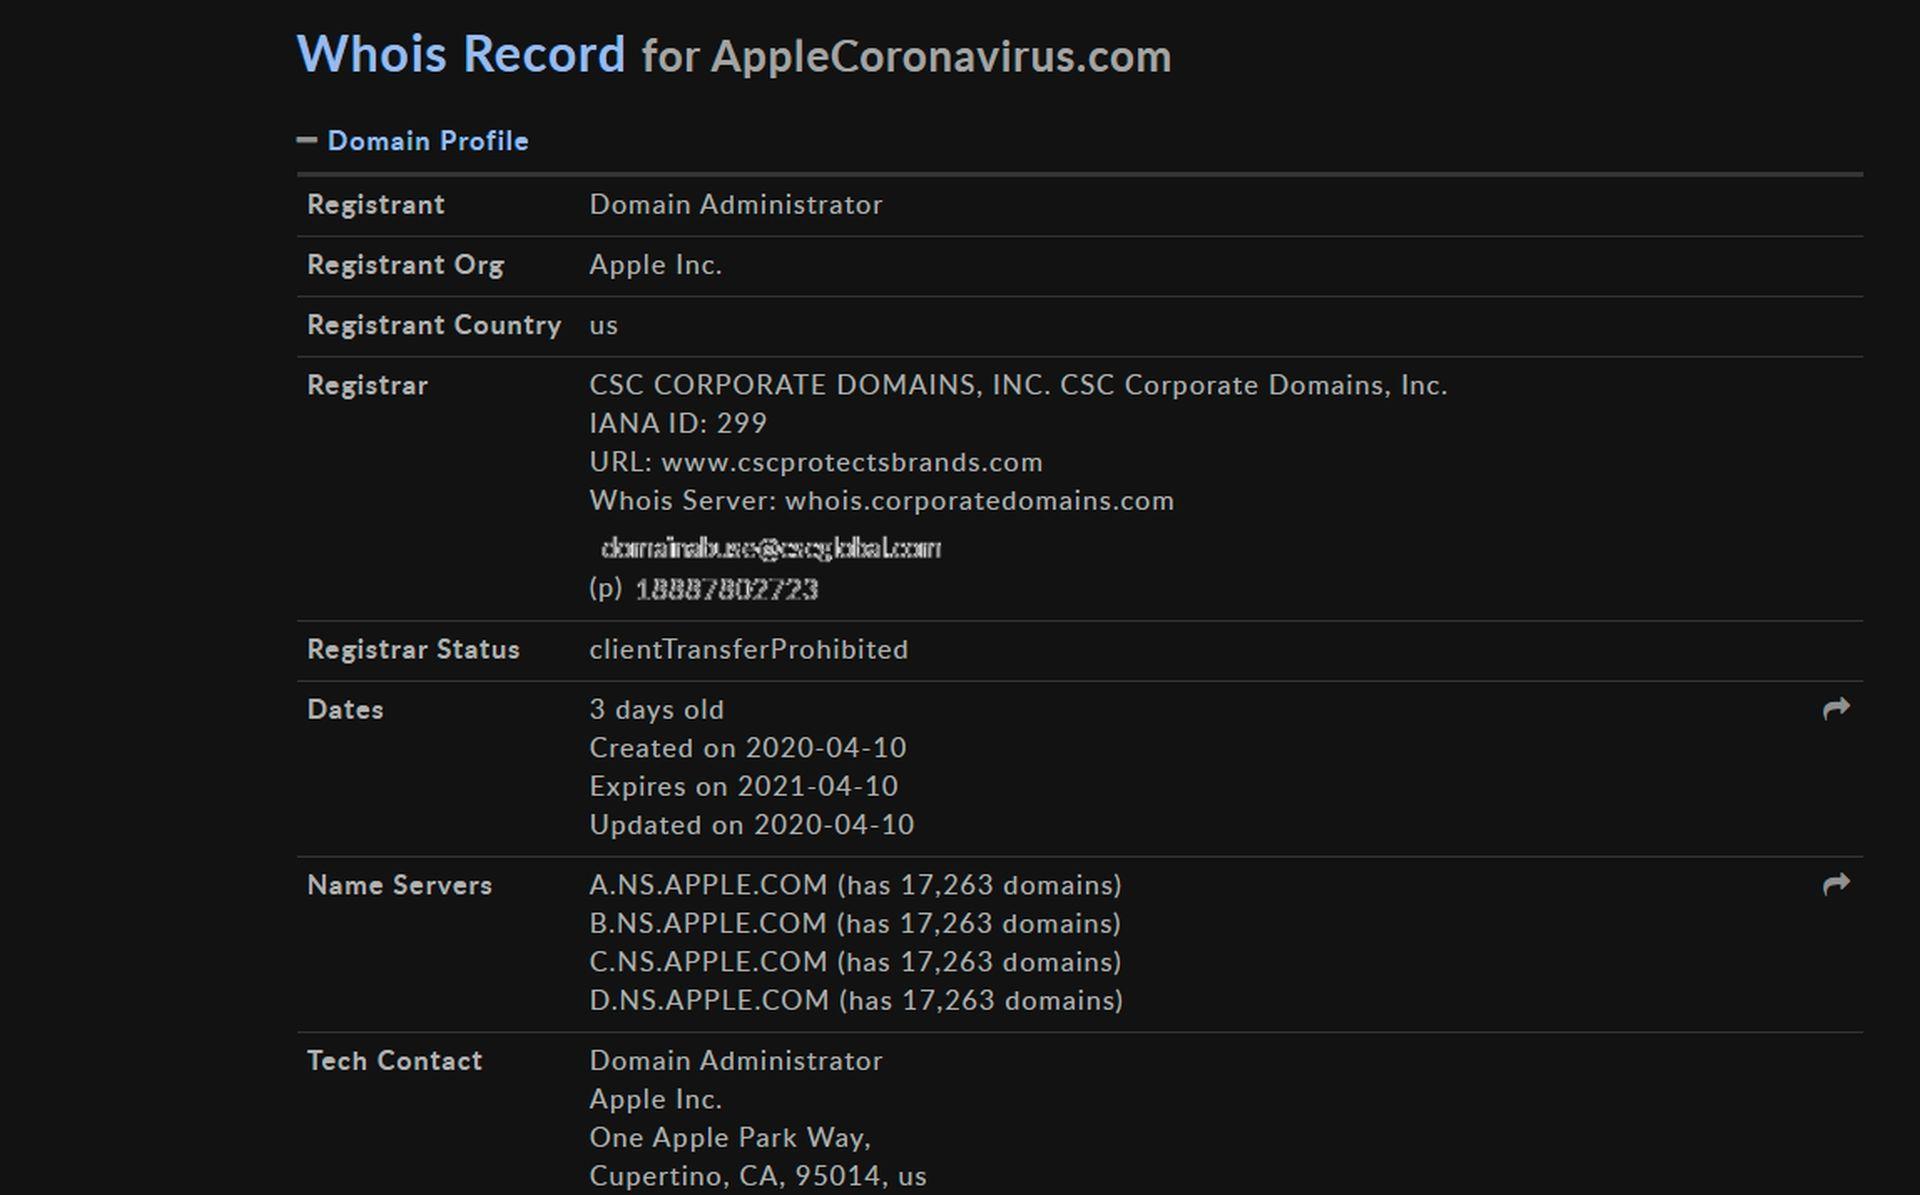 Firma Apple zarejestrowała domenę AppleCoronavirus.com